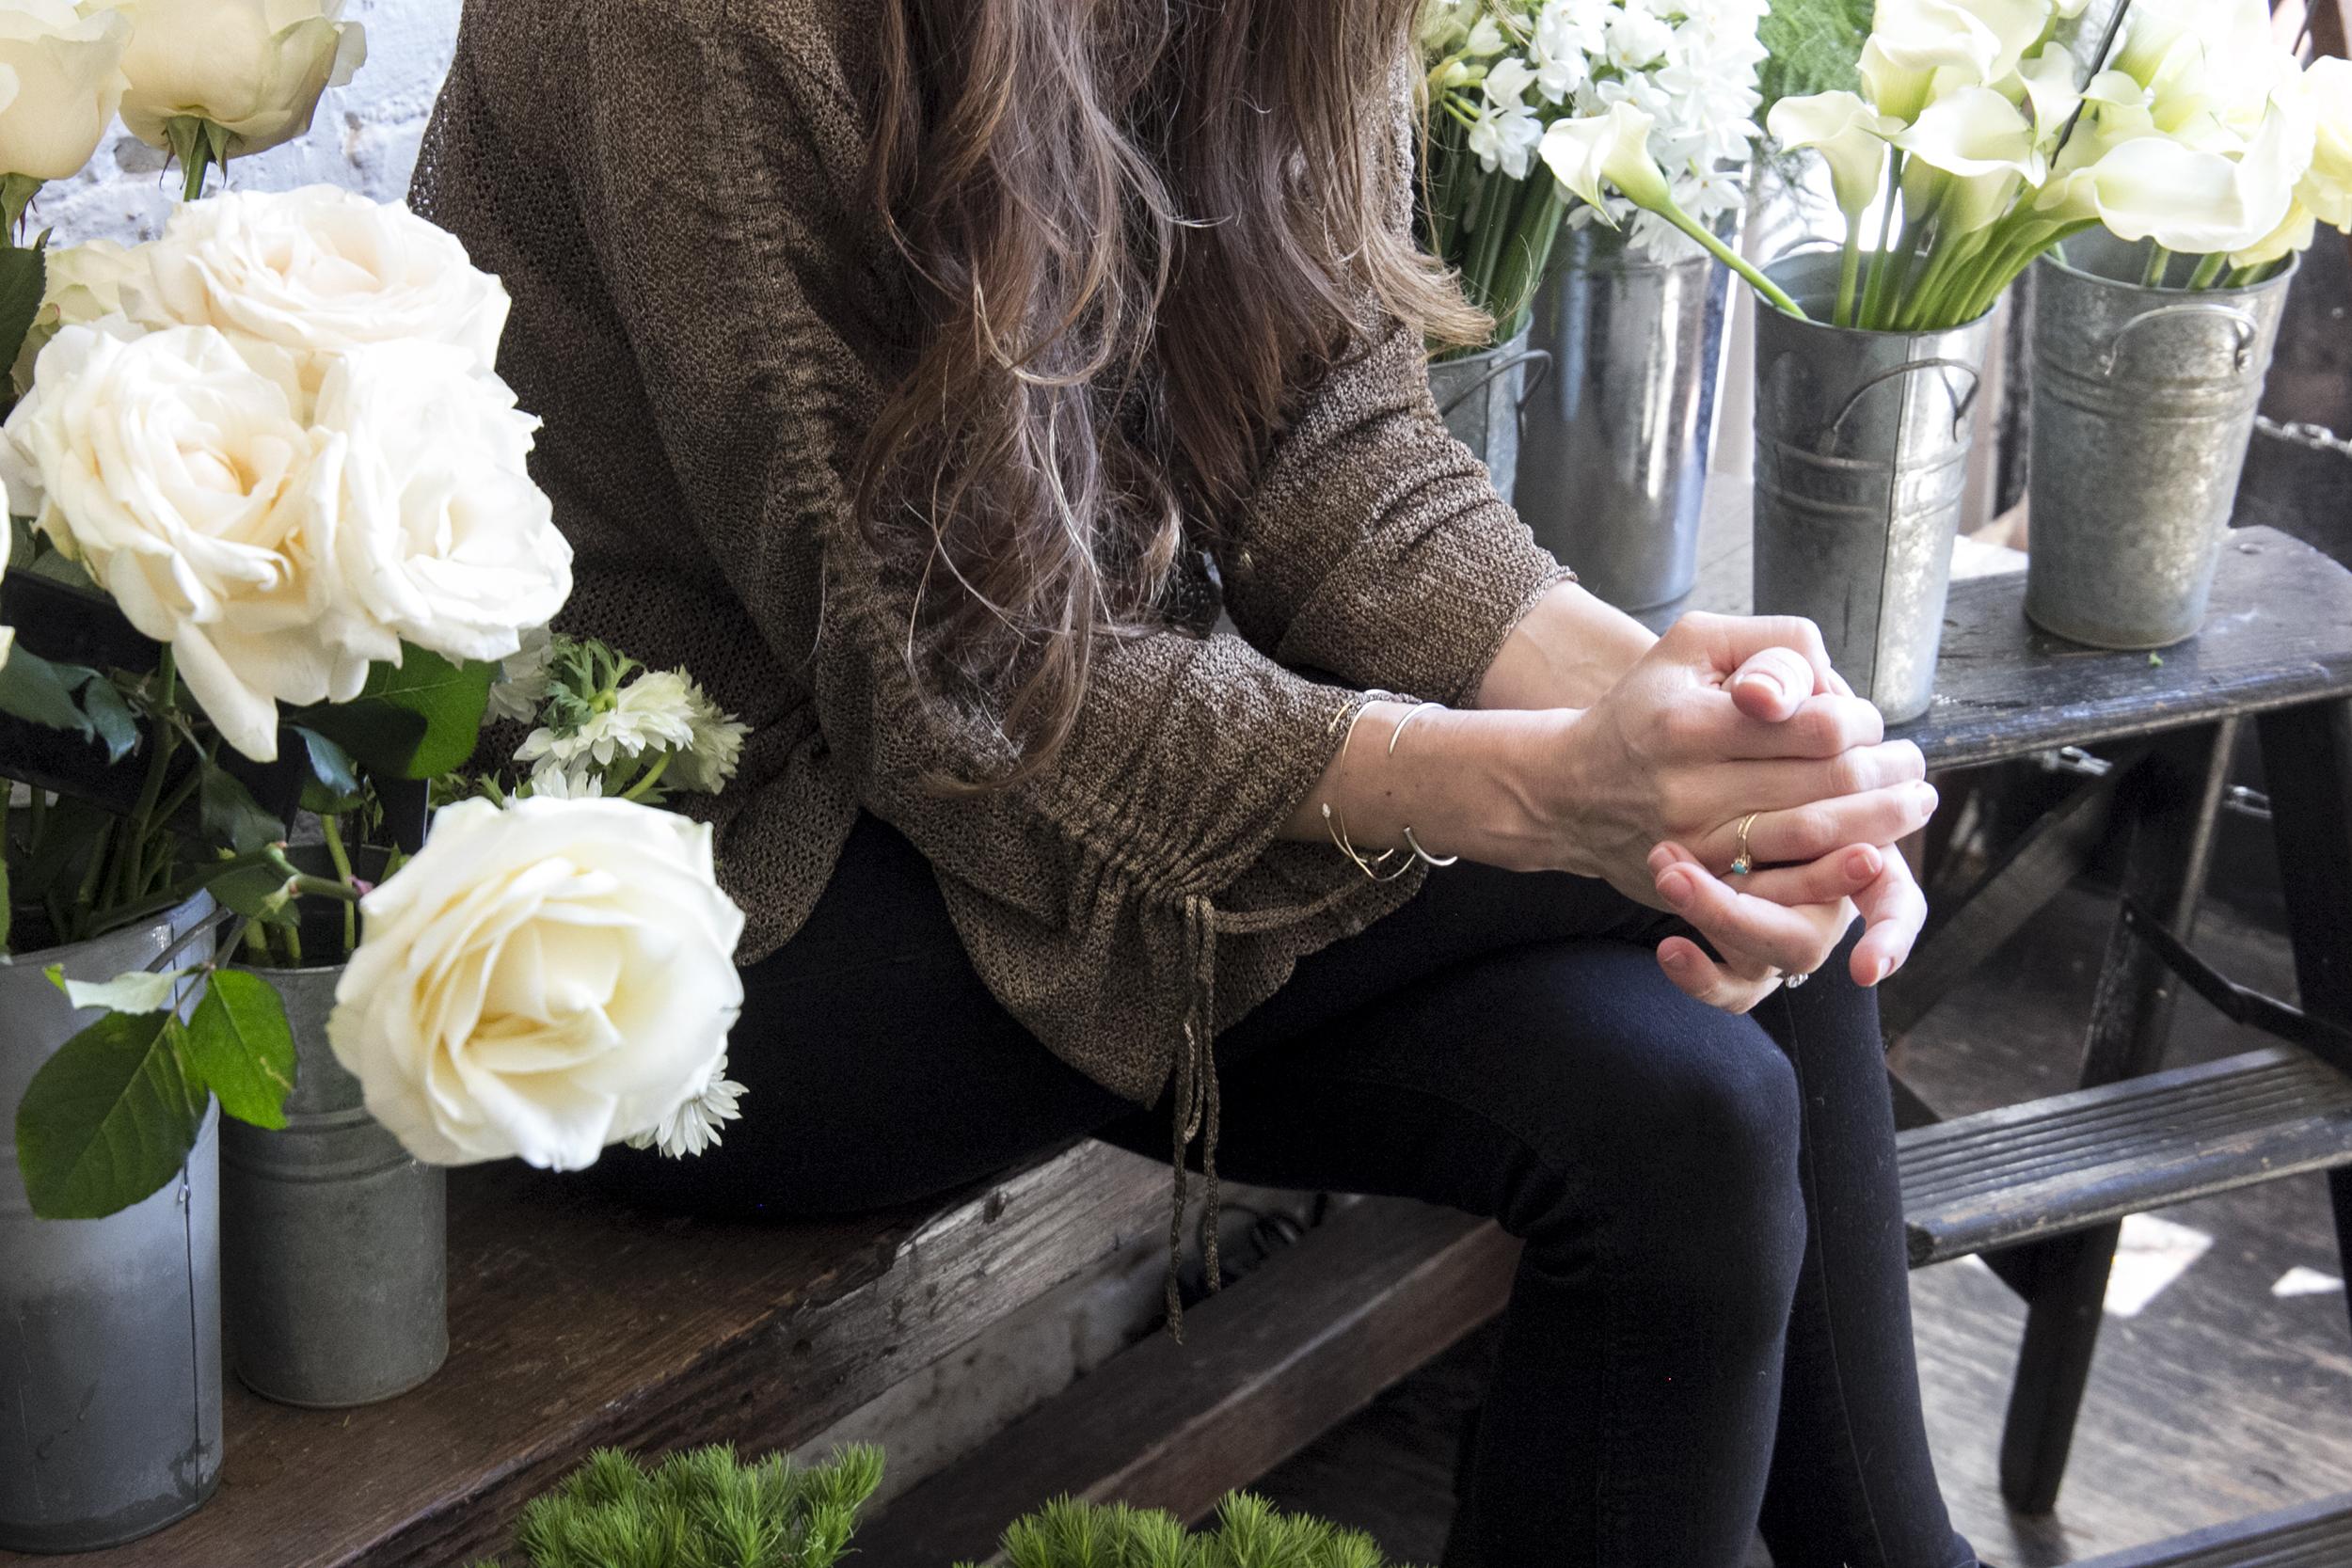 Flower Girl NYC founder, Denise Porcara